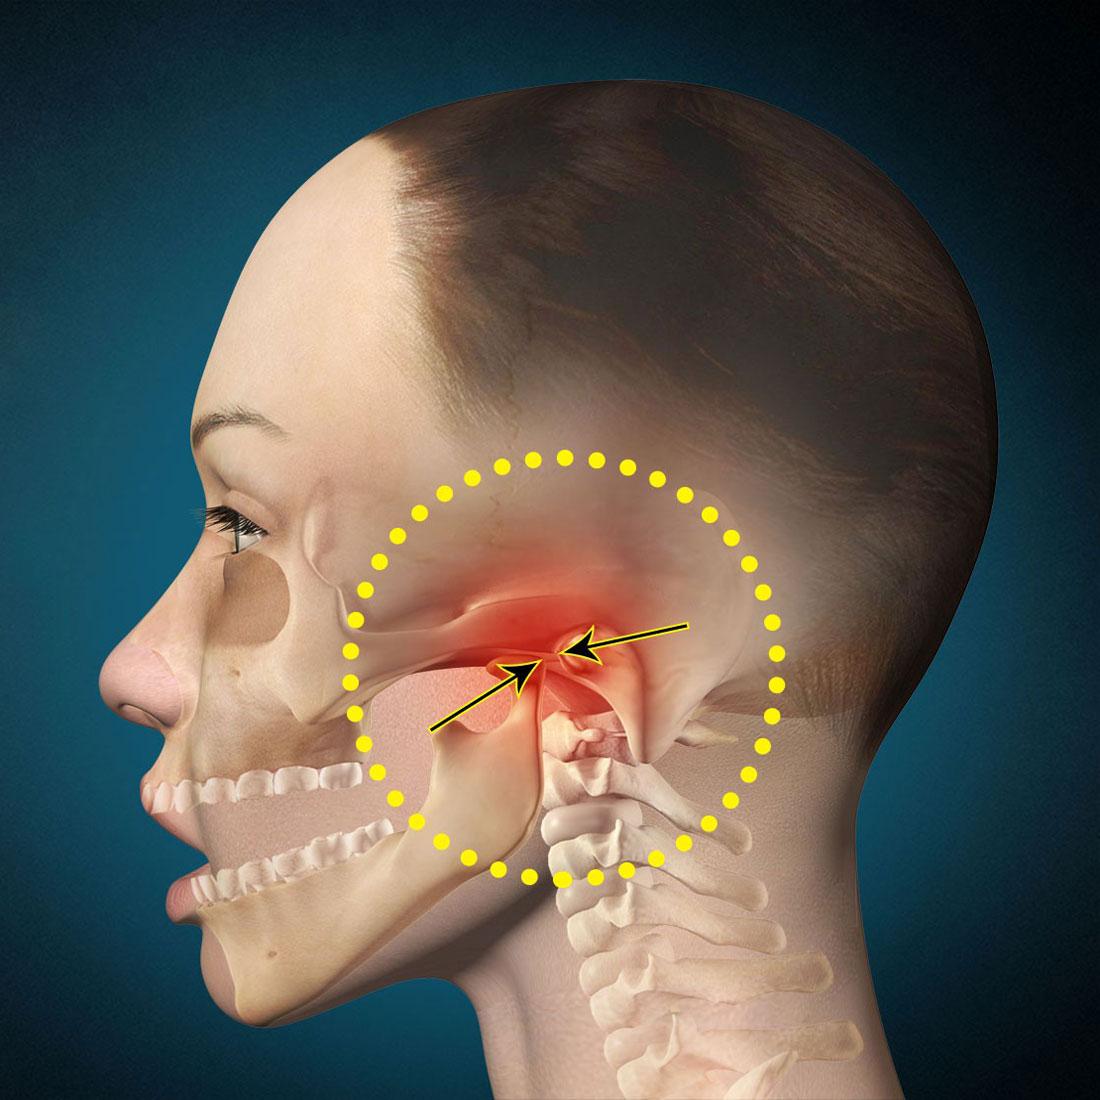 Разрыв или смещение суставного диска височно-нижнечелюстного сустава повреждение связок голеностопного сустава симптомы